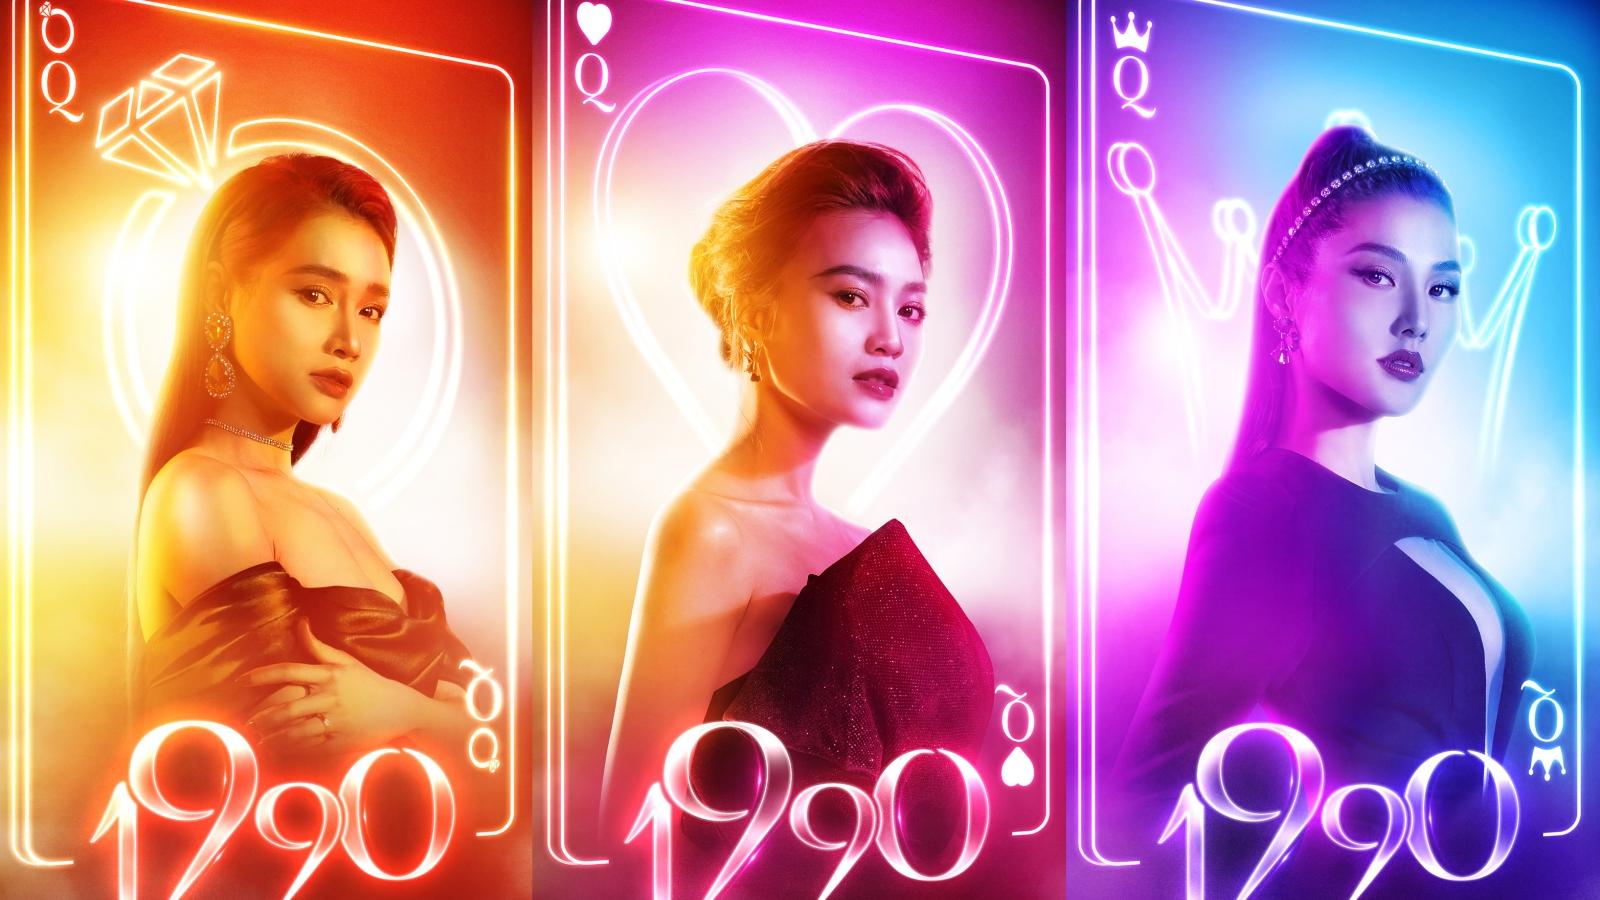 """Phim điện ảnh """"1990"""" tung tạo hình sang chảnh của Diễm My, Nhã Phương, Ninh Dương Lan Ngọc"""